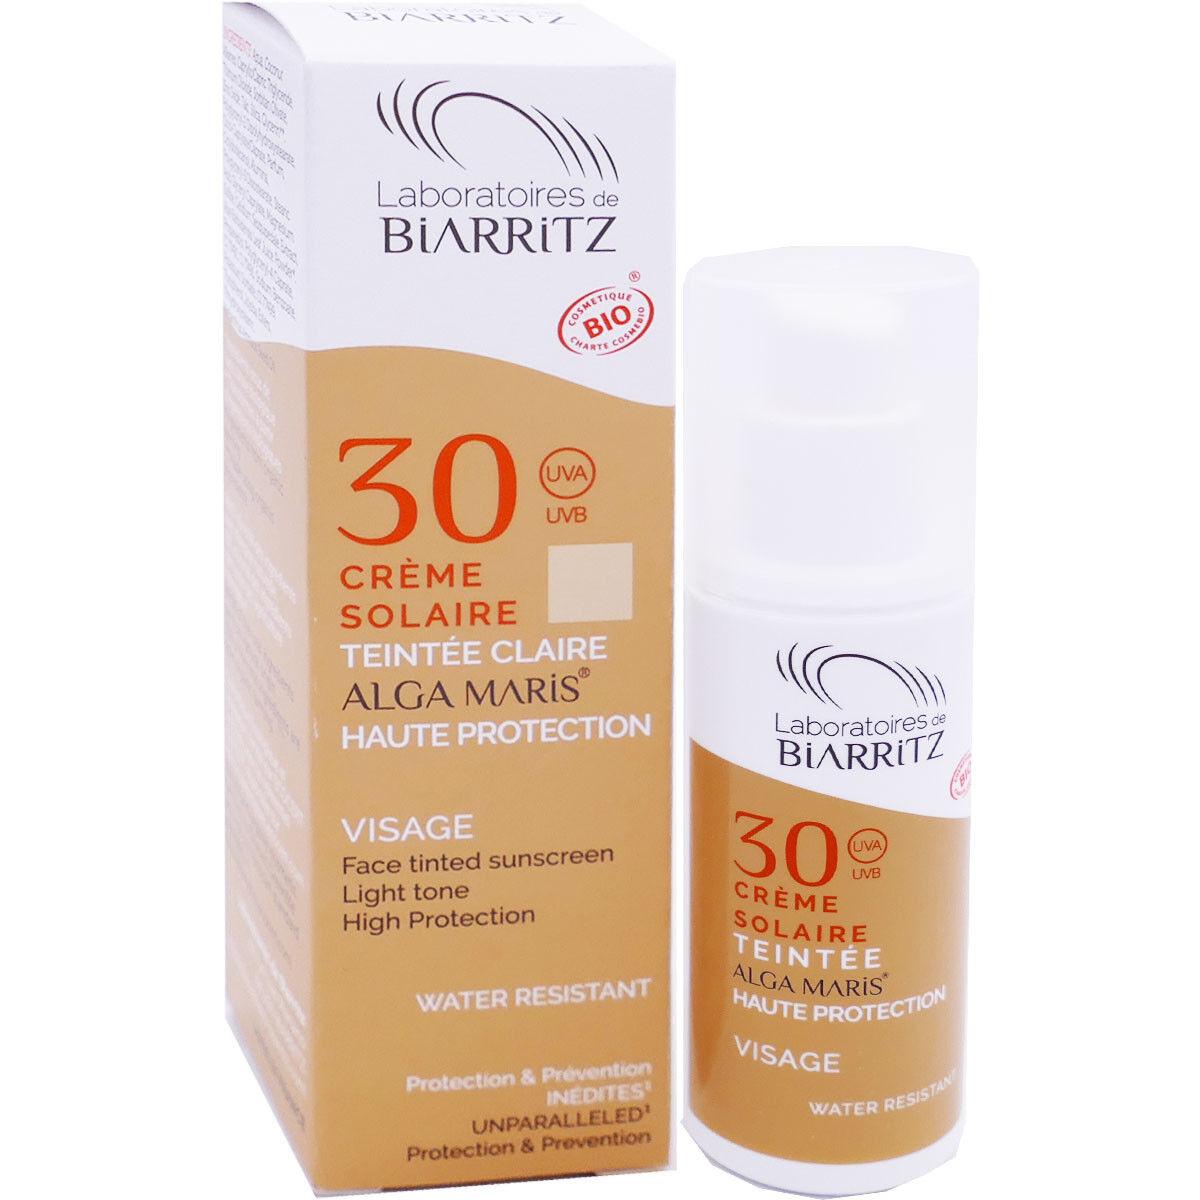 Biarritz crÈme solaire 30 teintÉe claire visage 50ml bio